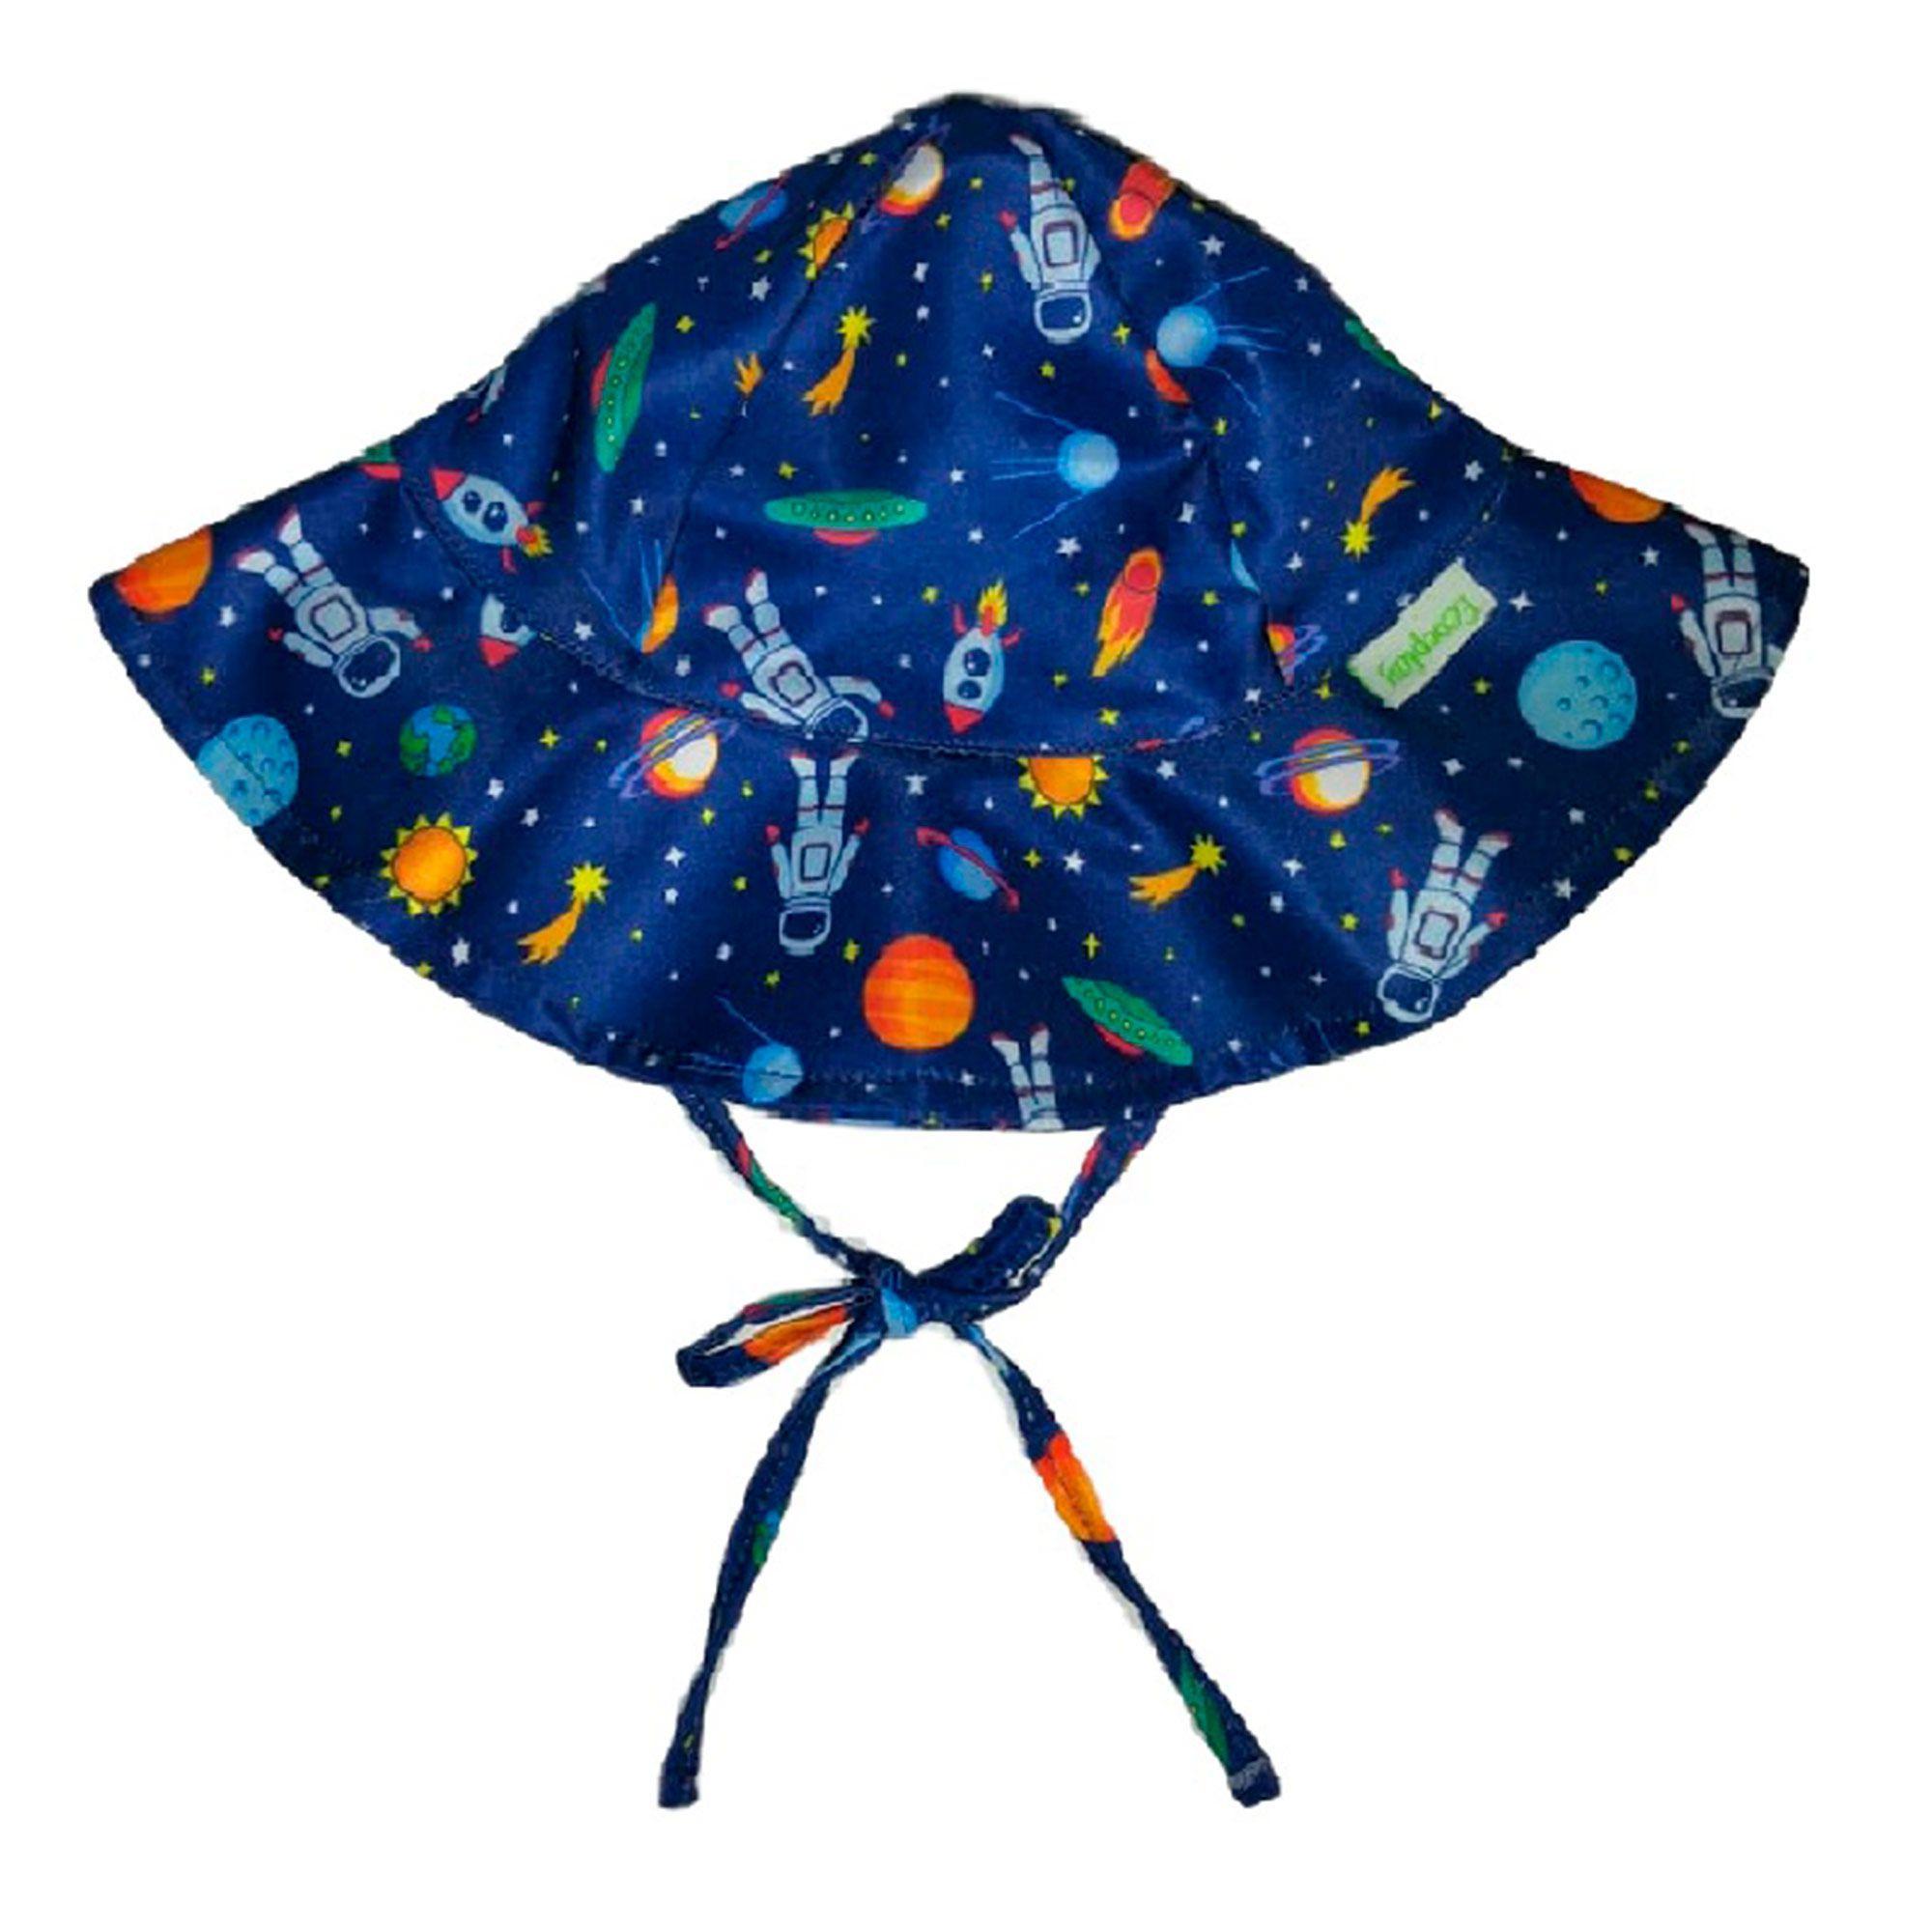 Ecoeplay - Chapéu de Praia - Espaço - Tamanho M